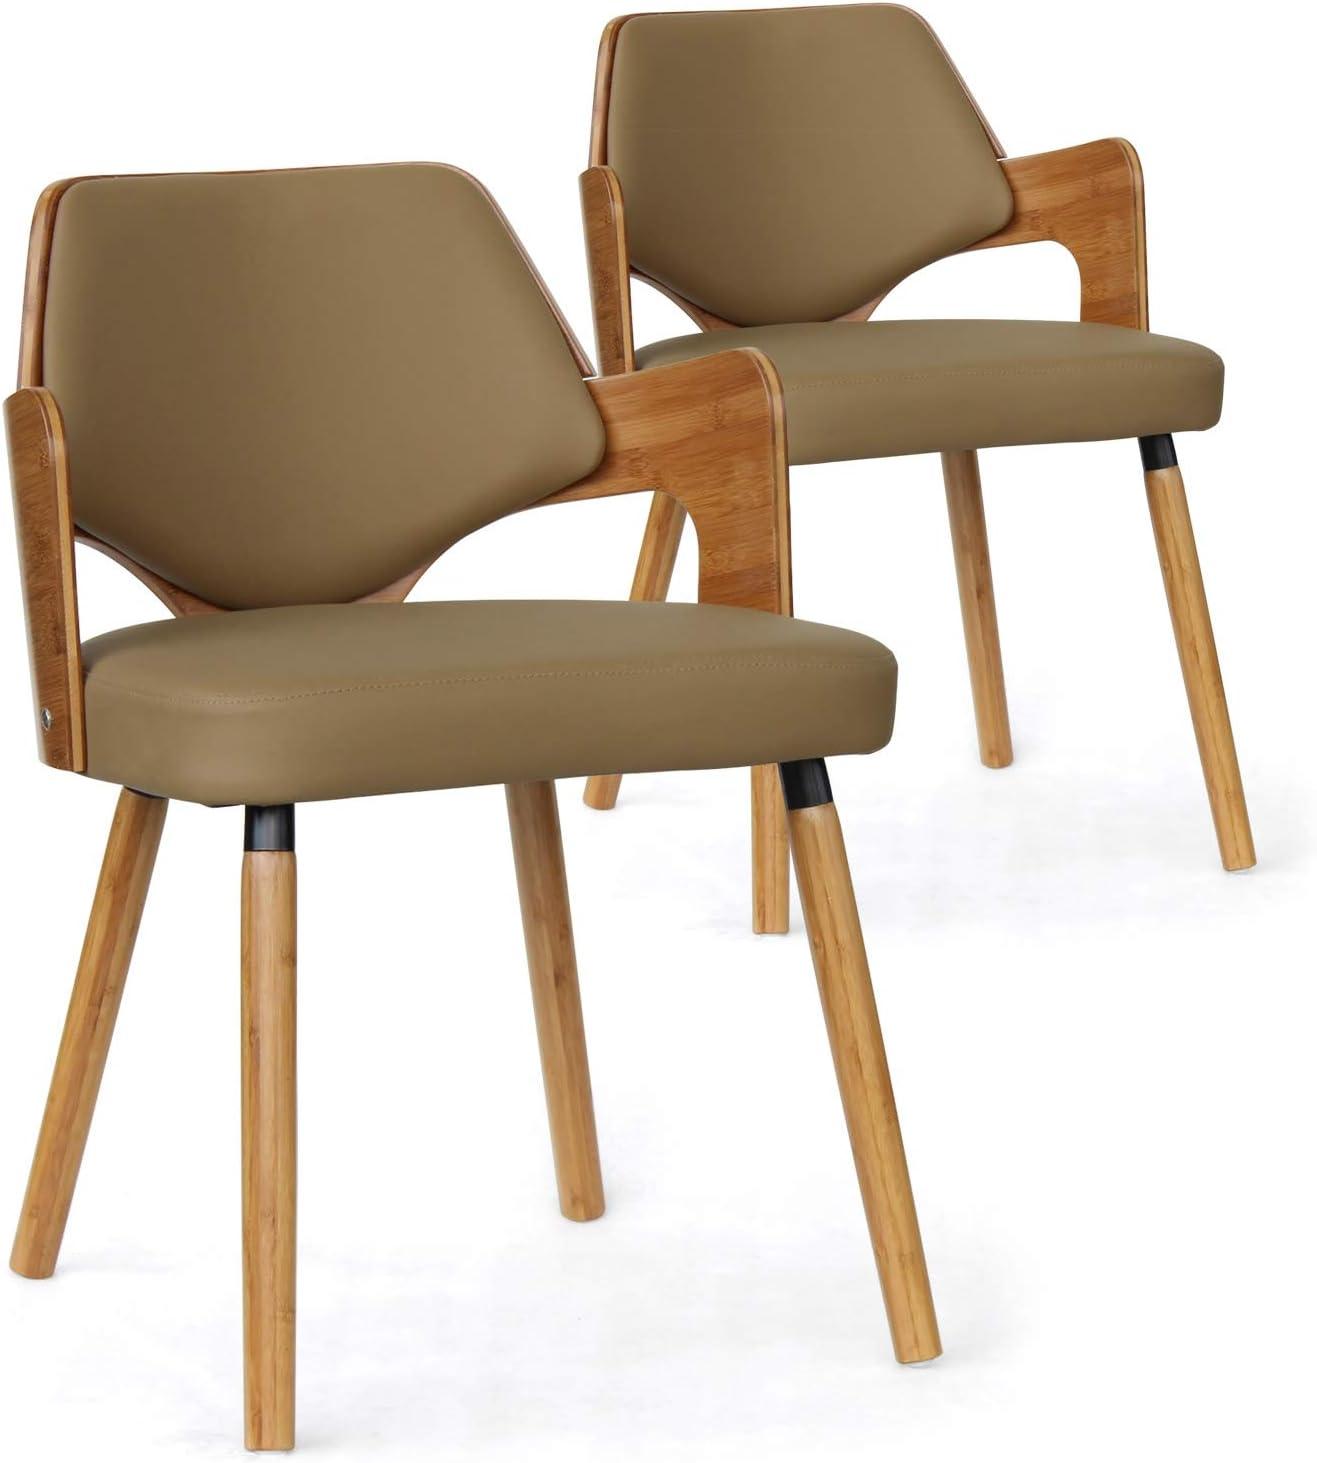 Menzzo – Juego de 2 sillas escandinava Dima, Madera, Madera Natural y Topo, 51 x 51 x 72 cm: Amazon.es: Hogar